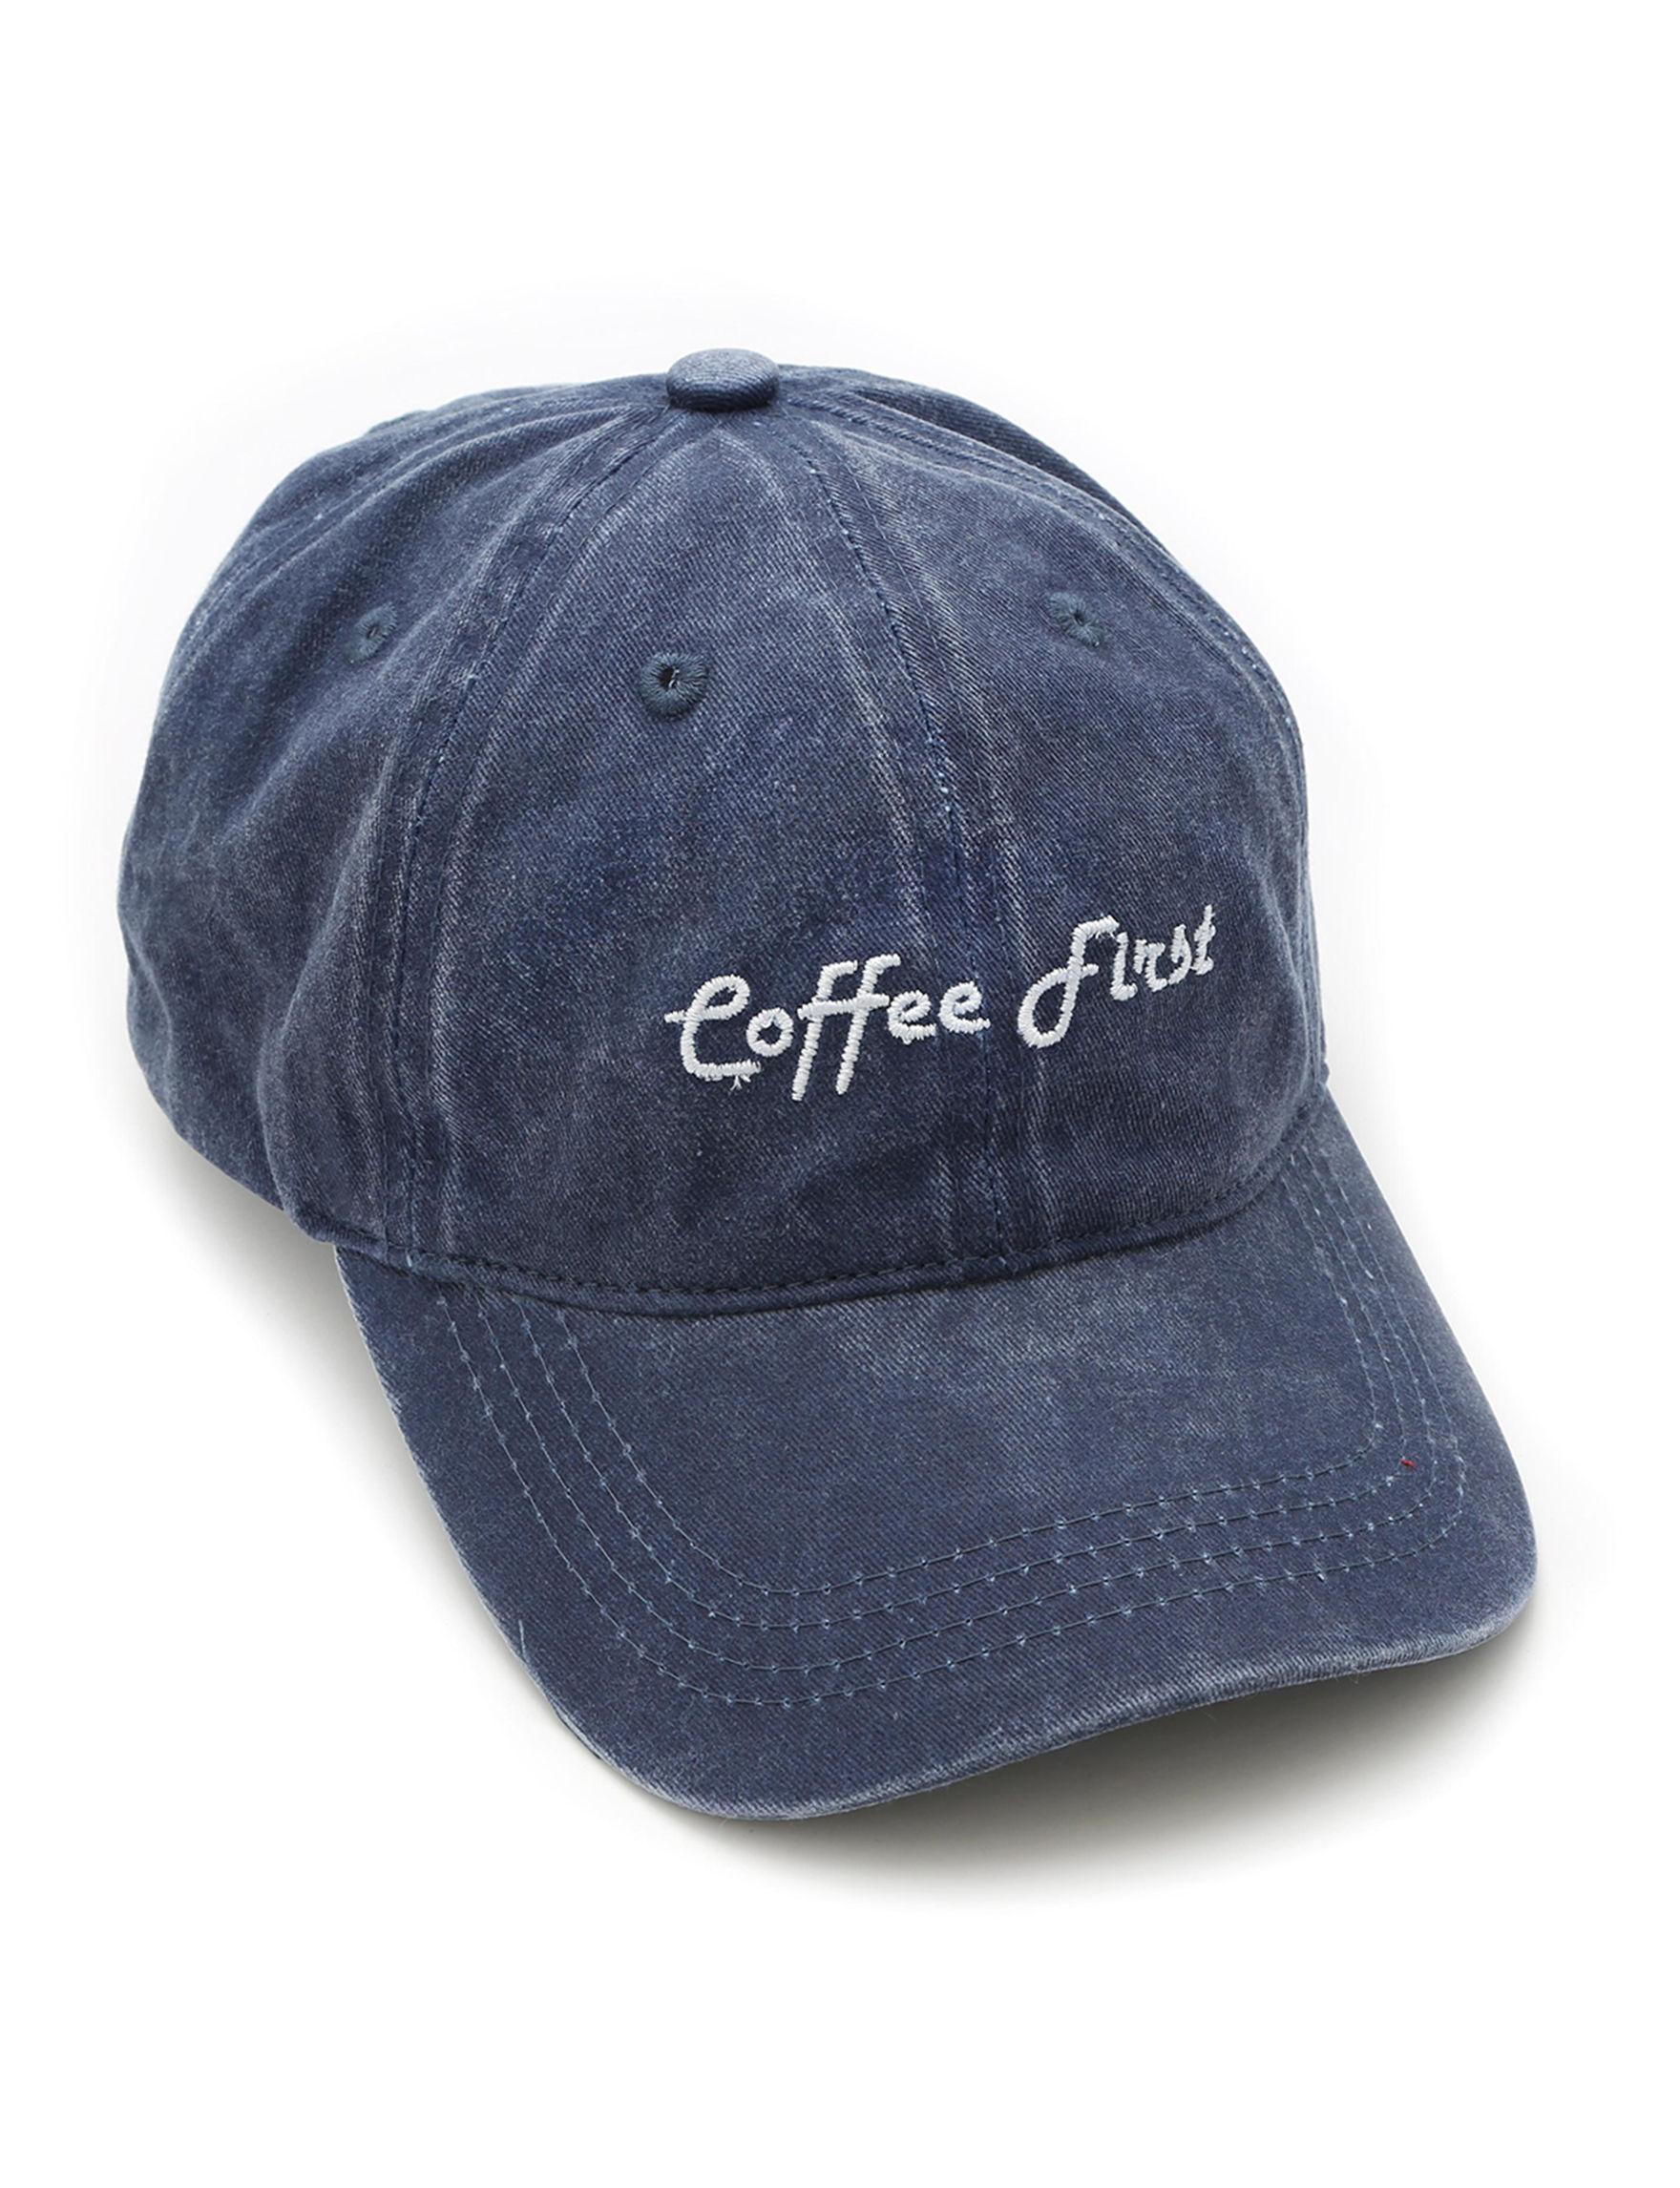 Cejon Blue Hats & Headwear